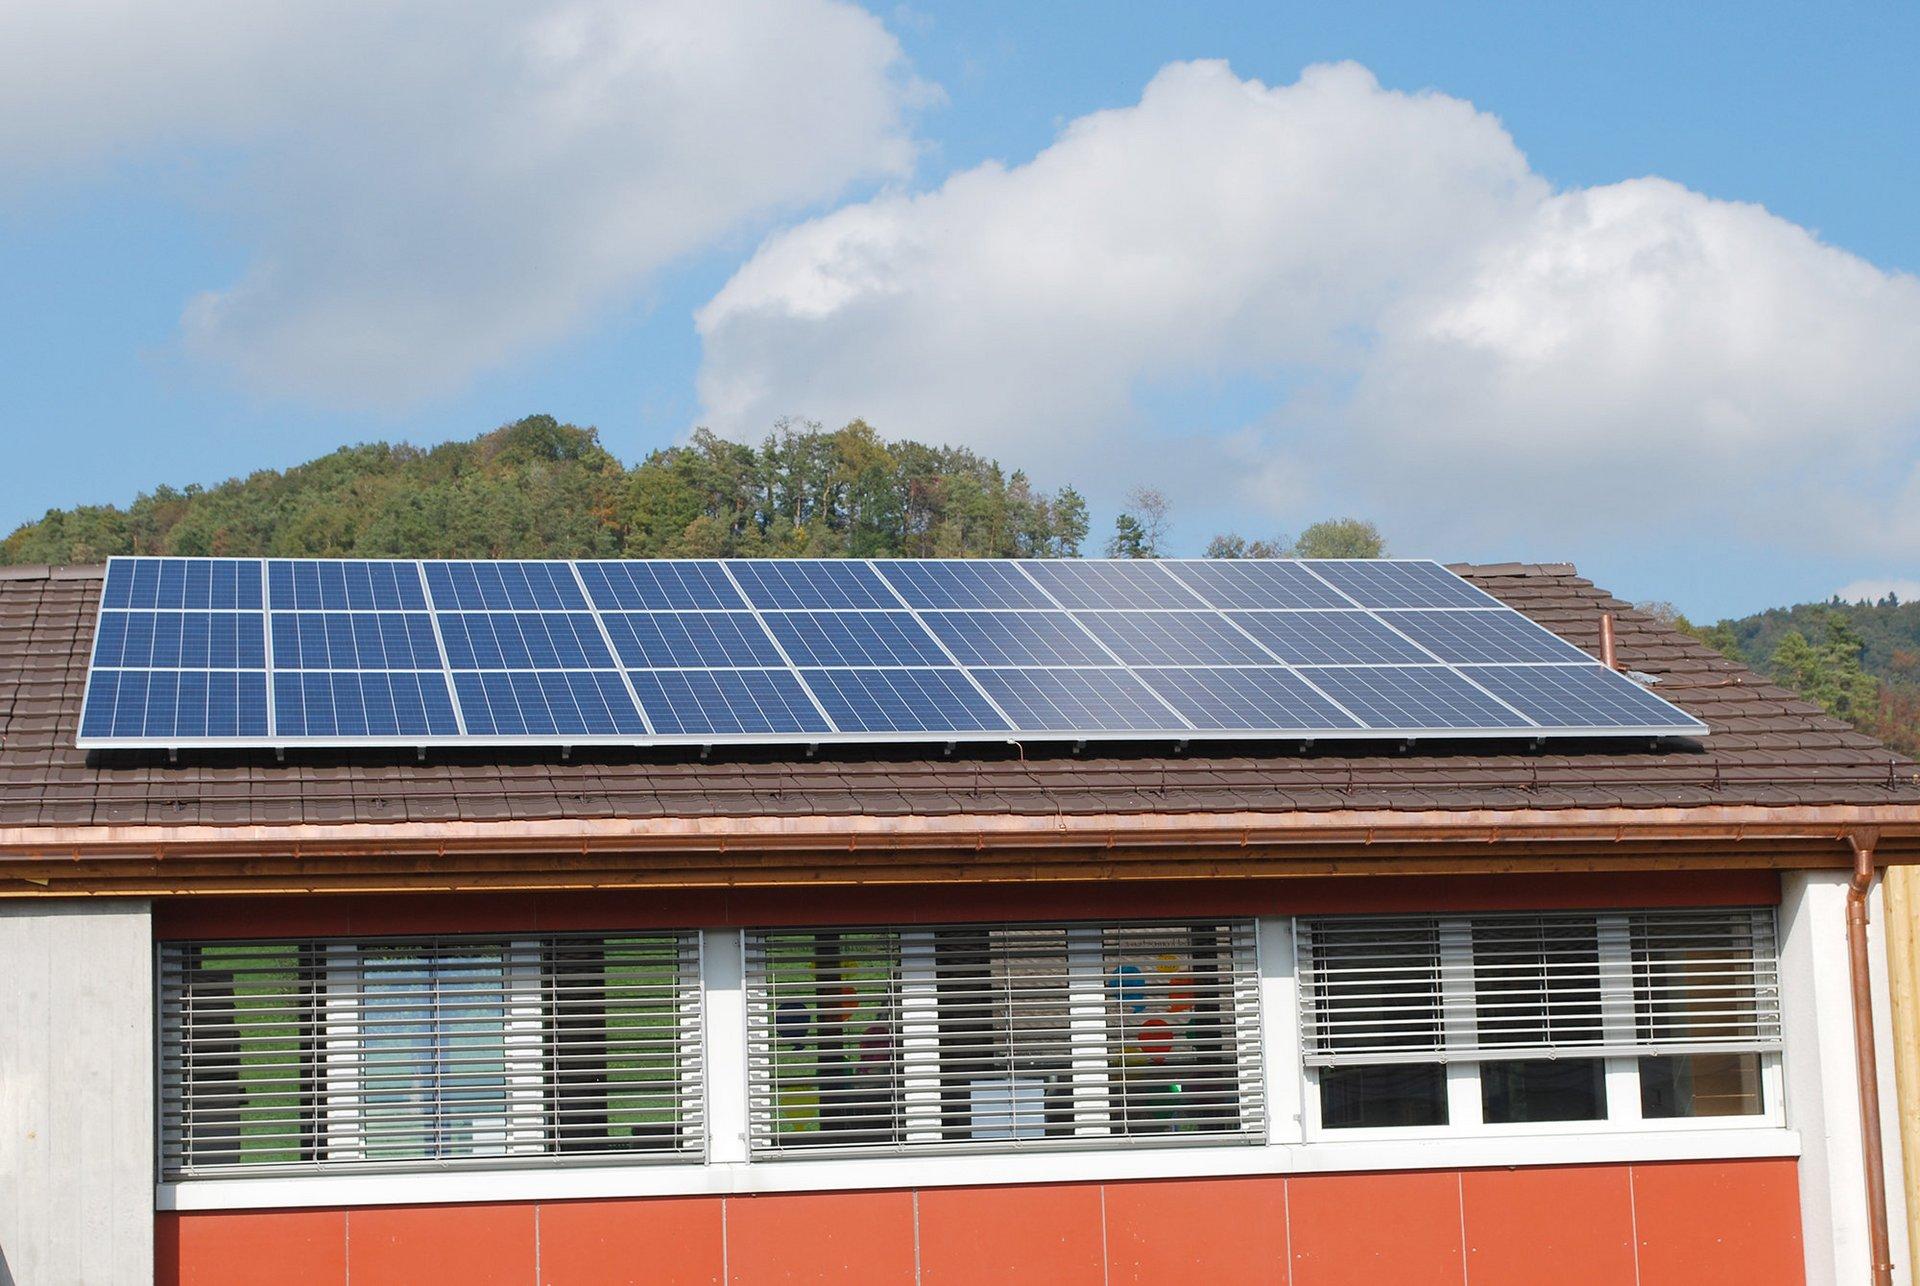 Planung und Montage von Photovoltaik-Anlage.